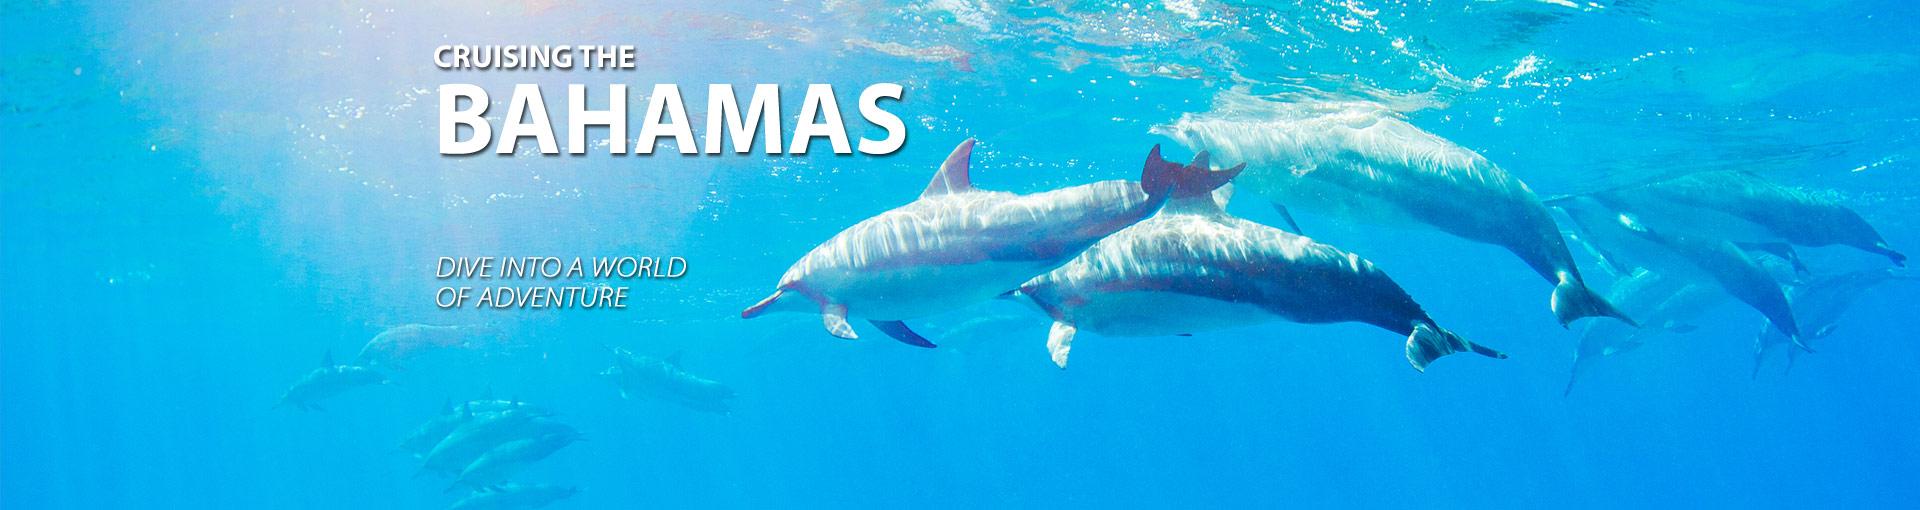 Cruises To The Bahamas And Bahamas CruisesThe Cruise Web - Bahama cruise deals